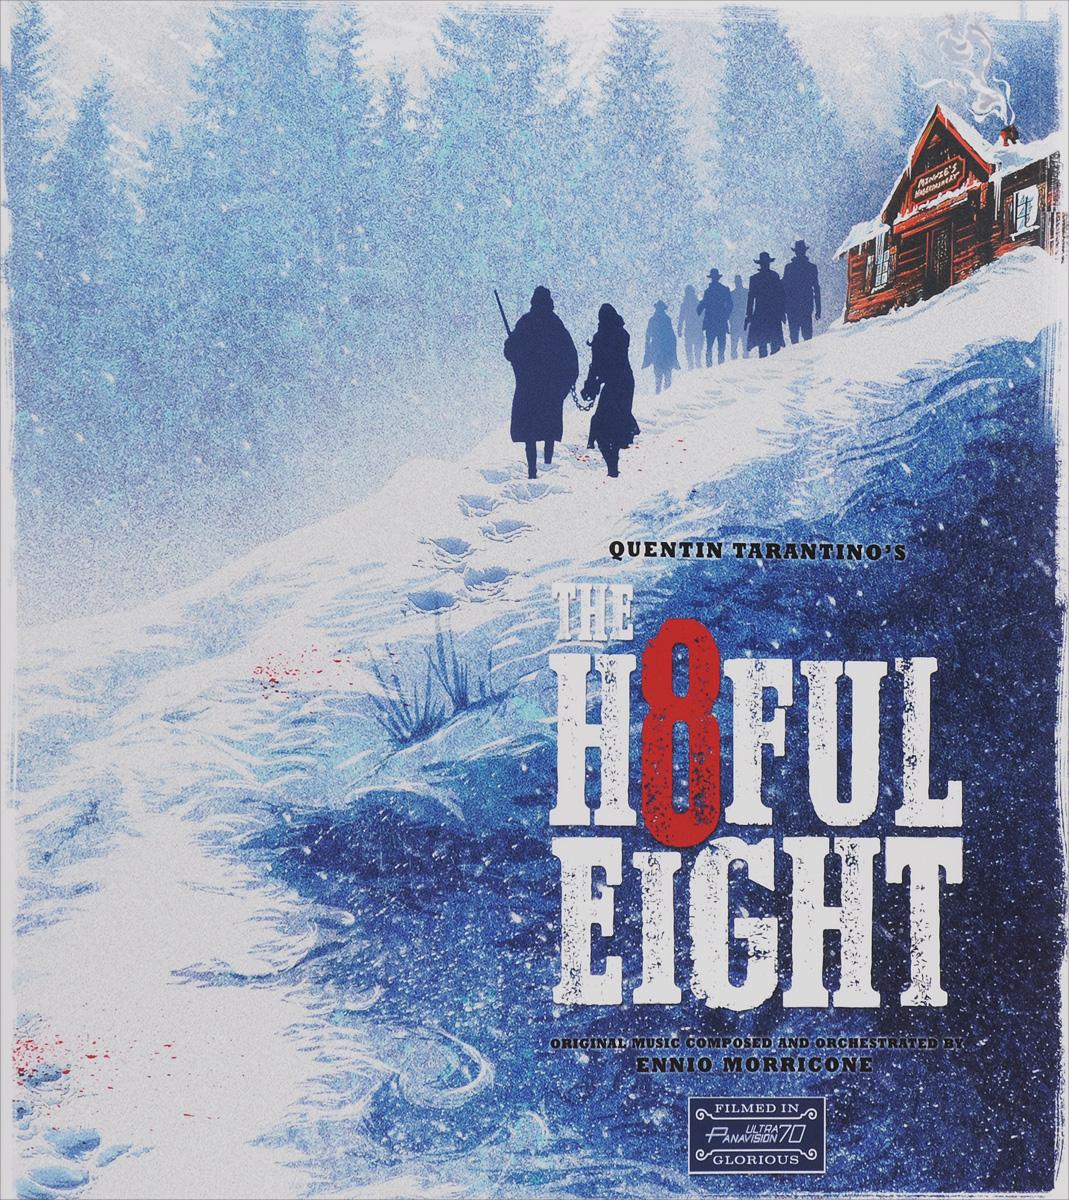 Издание содержит раскладку с кадрами из фильма и дополнительной информацией на английском языке.